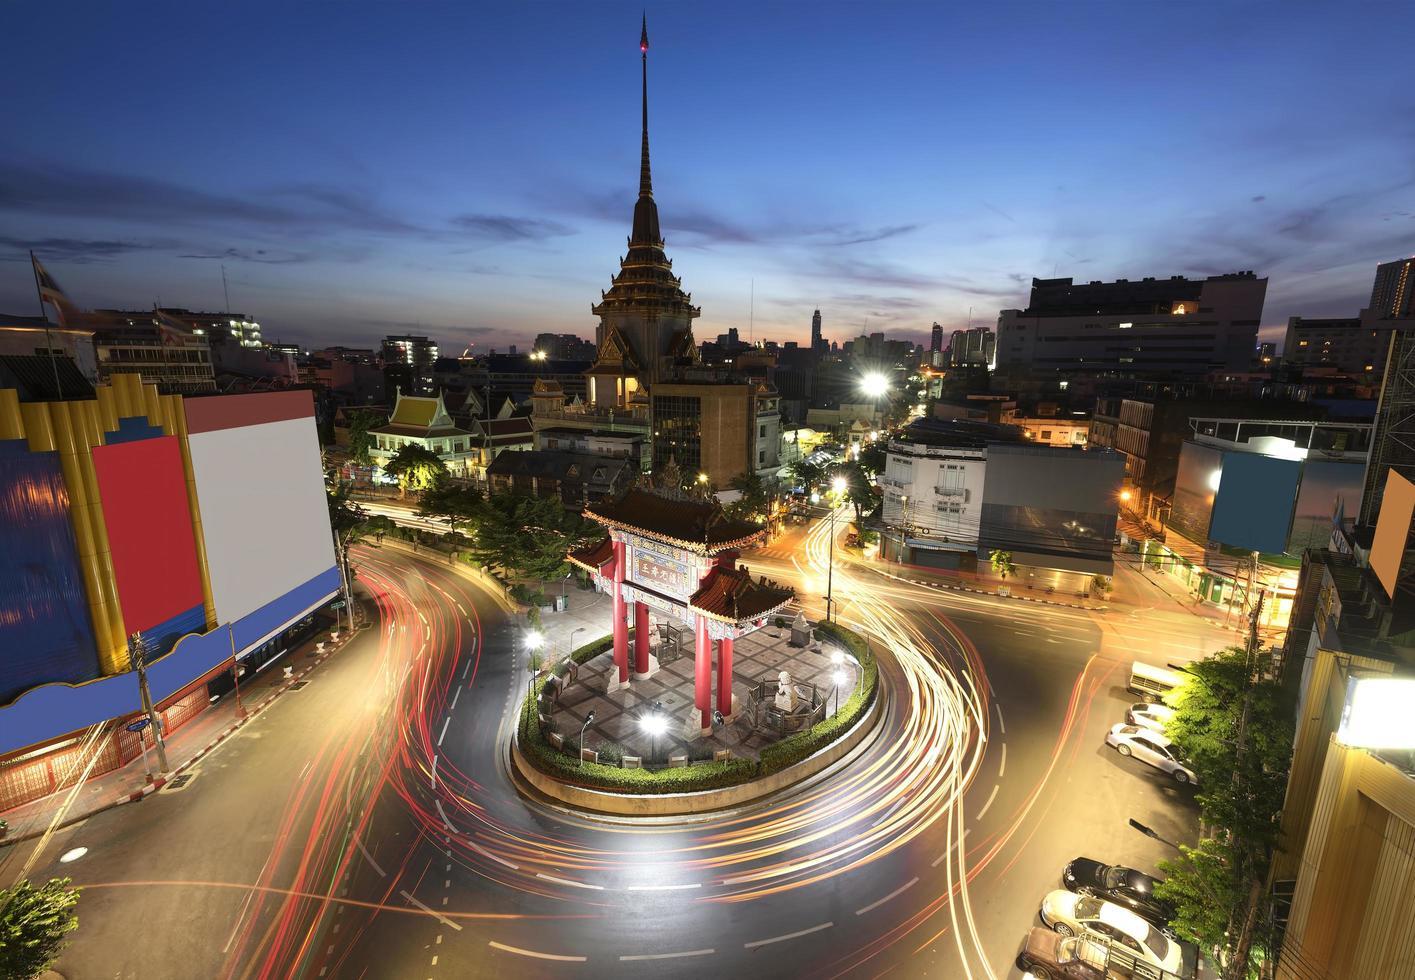 El arco de entrada y el templo, Tailandia, larga exposición foto